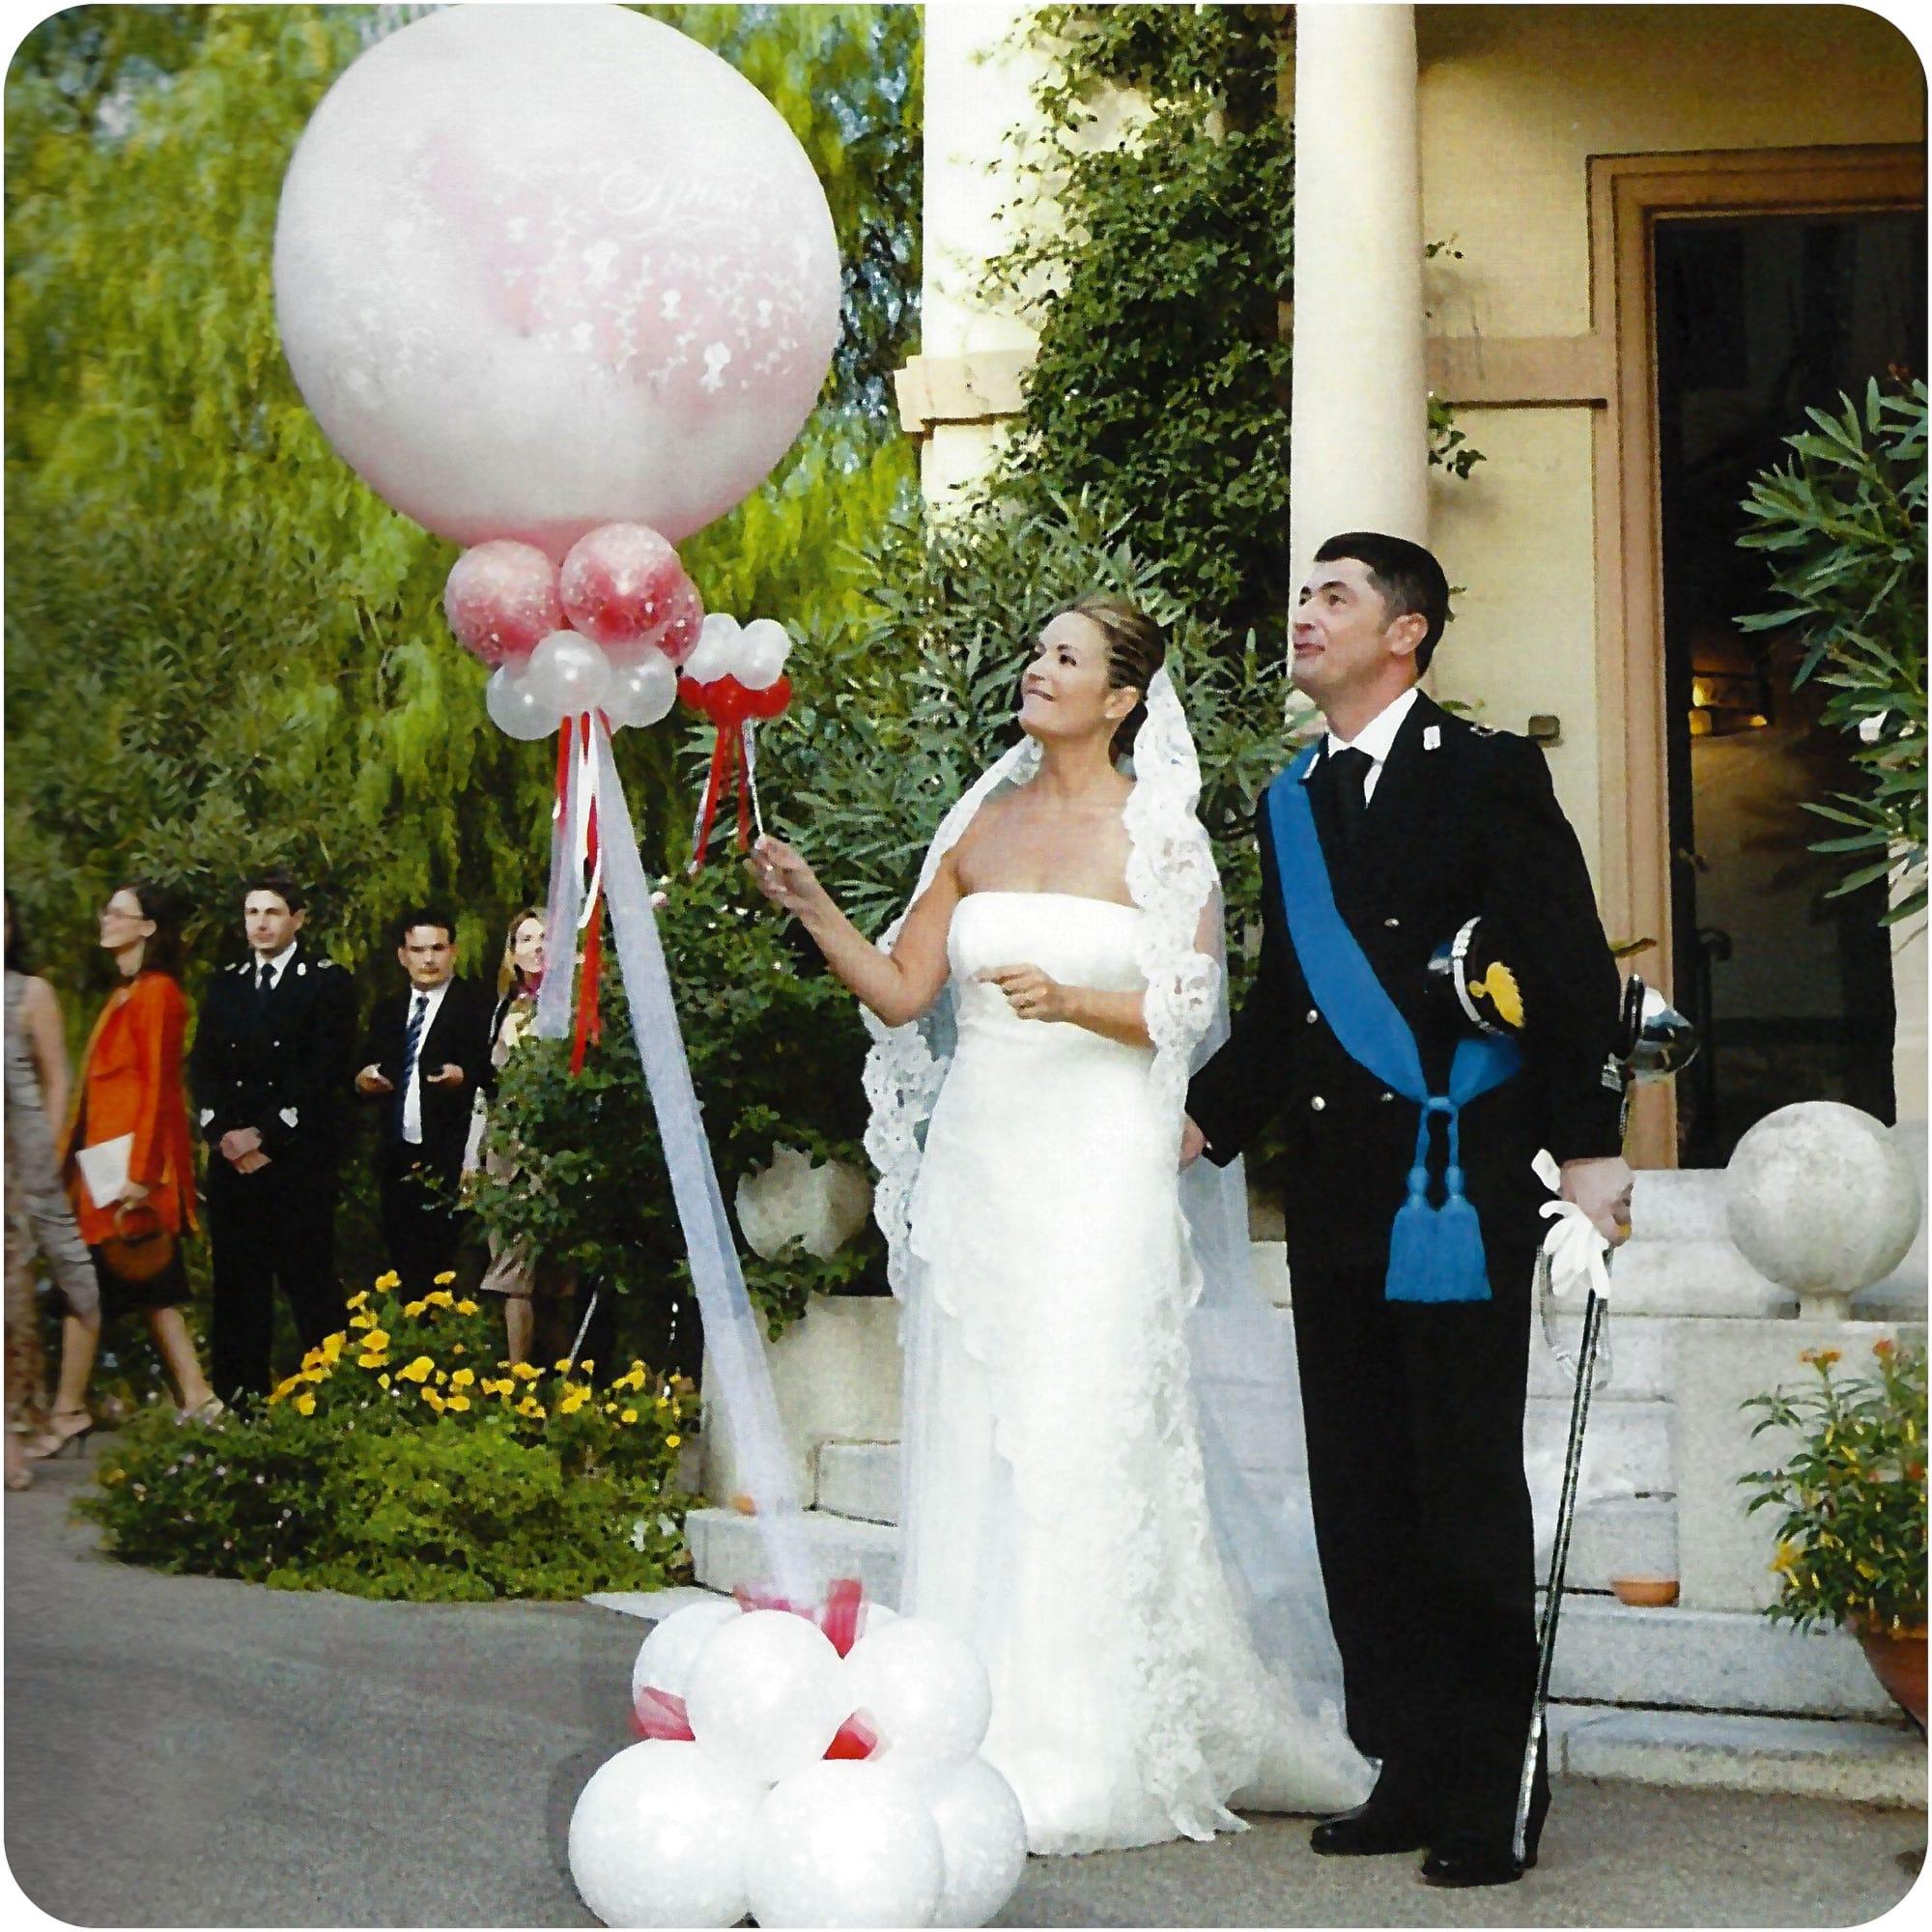 Brautpaar sticht Luftballon an platzt